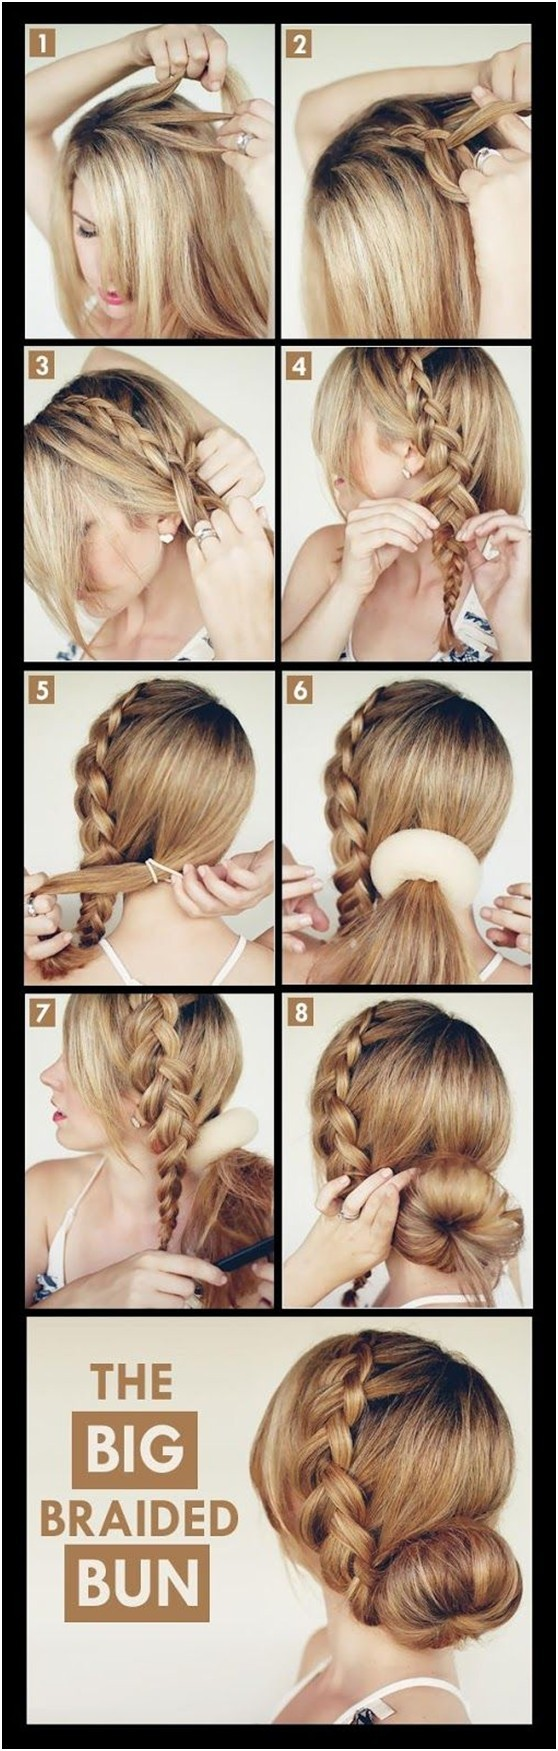 Fantastic 15 Braided Updo Hairstyles Tutorials Pretty Designs Short Hairstyles Gunalazisus